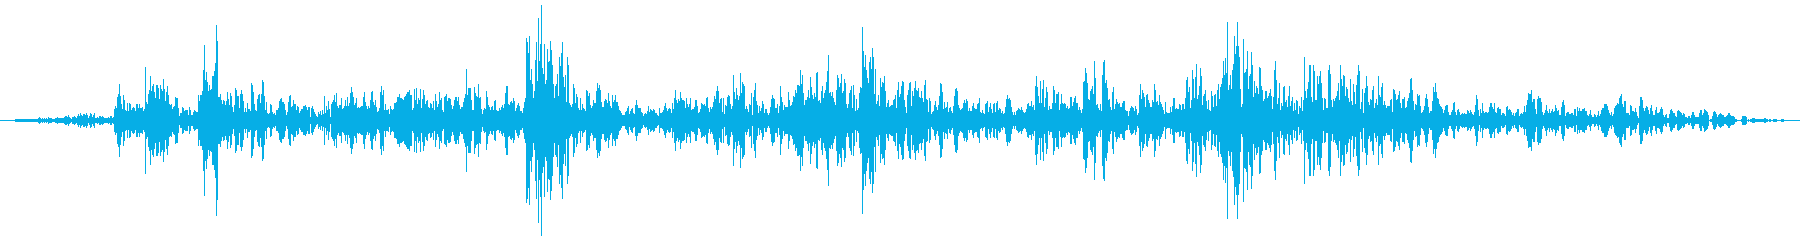 手動ウィンドウ:ロールウィンドウを開くの再生済みの波形